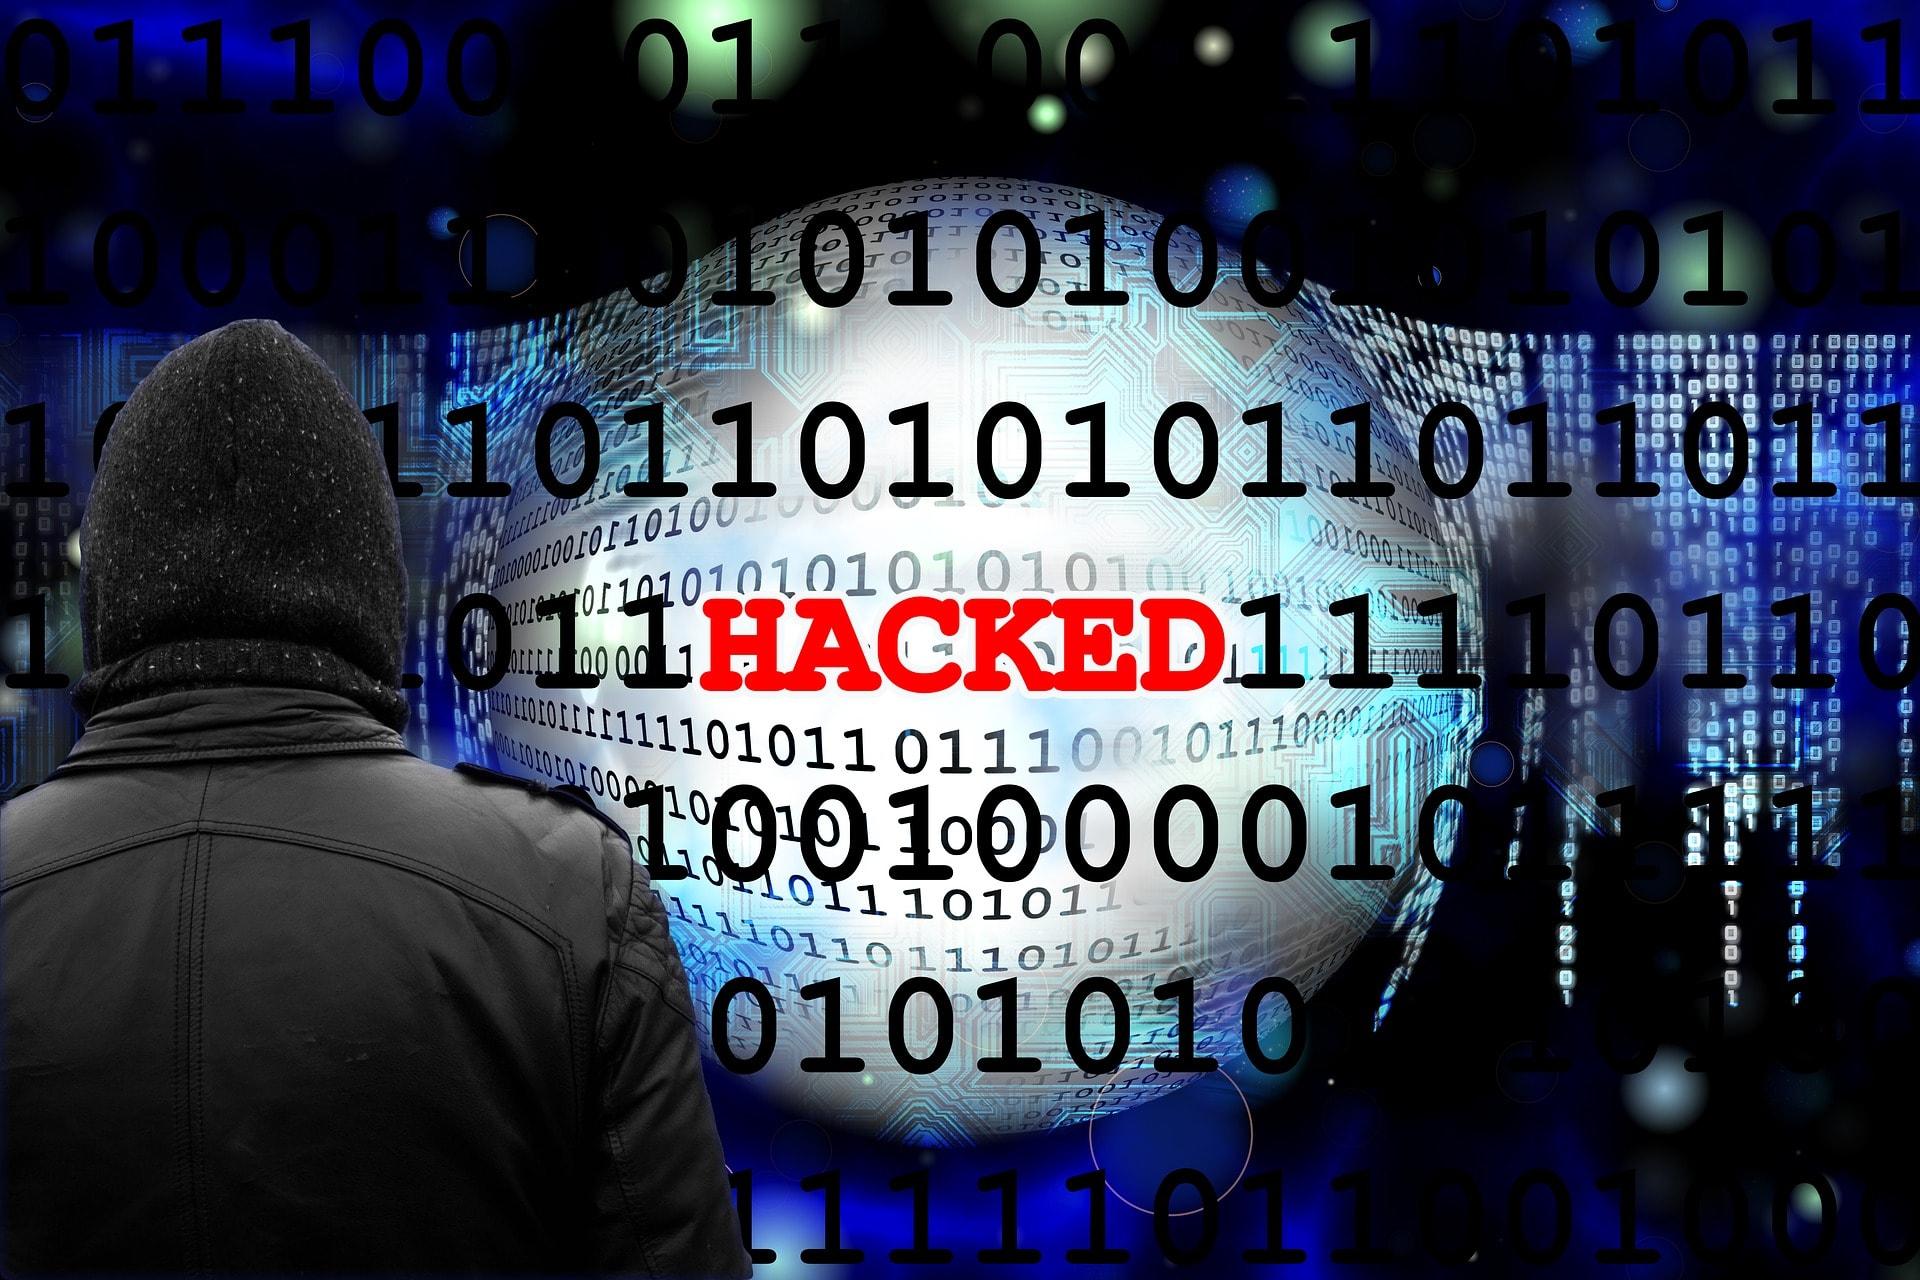 Etereum Hack: $8.4 Millones robados de Veritaseum ICO